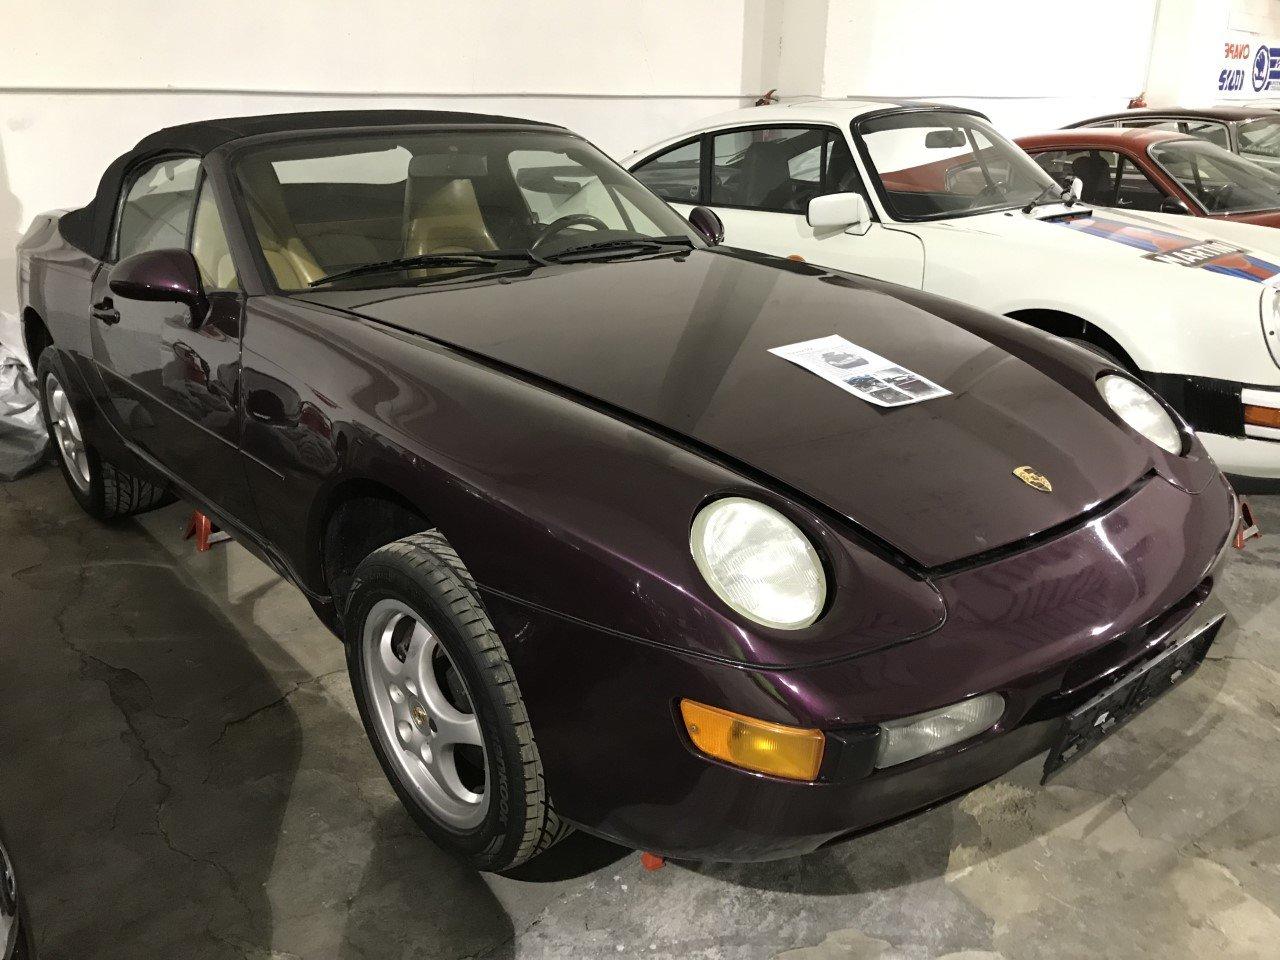 1992 Porsche 968 Cabriolet - color violet For Sale (picture 1 of 5)